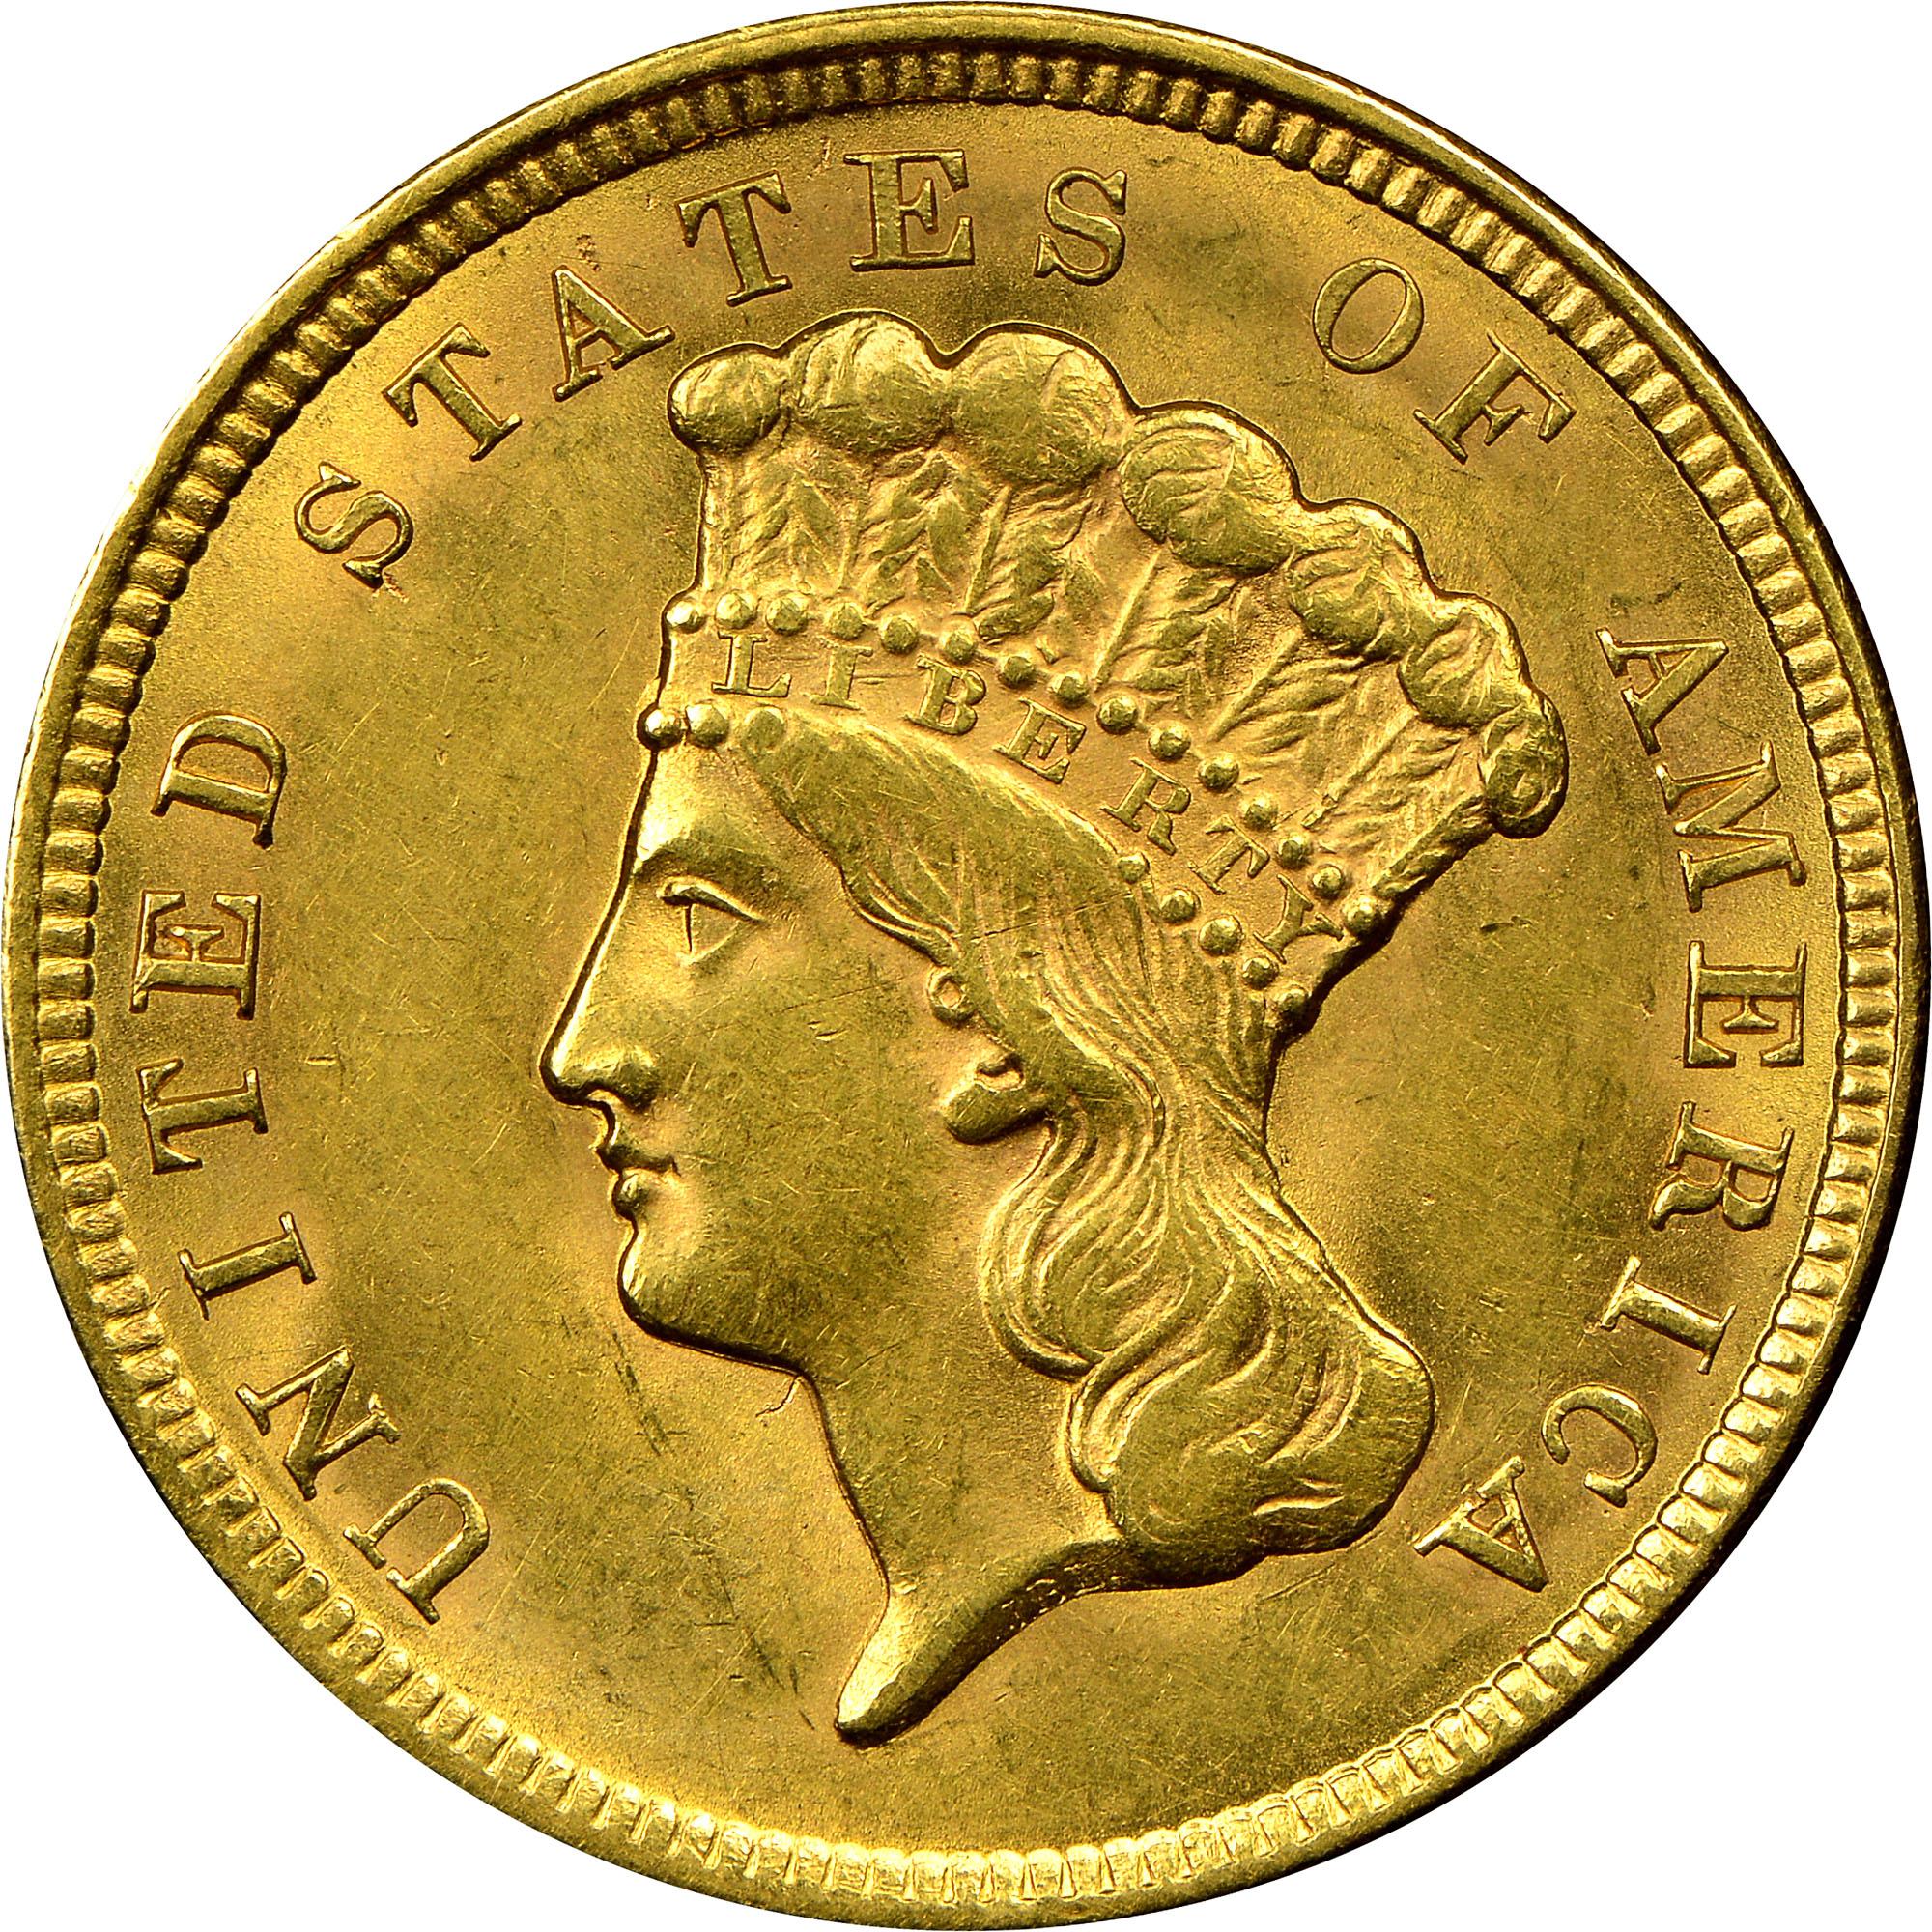 1854 1889 Three Dollar Gold Ngc